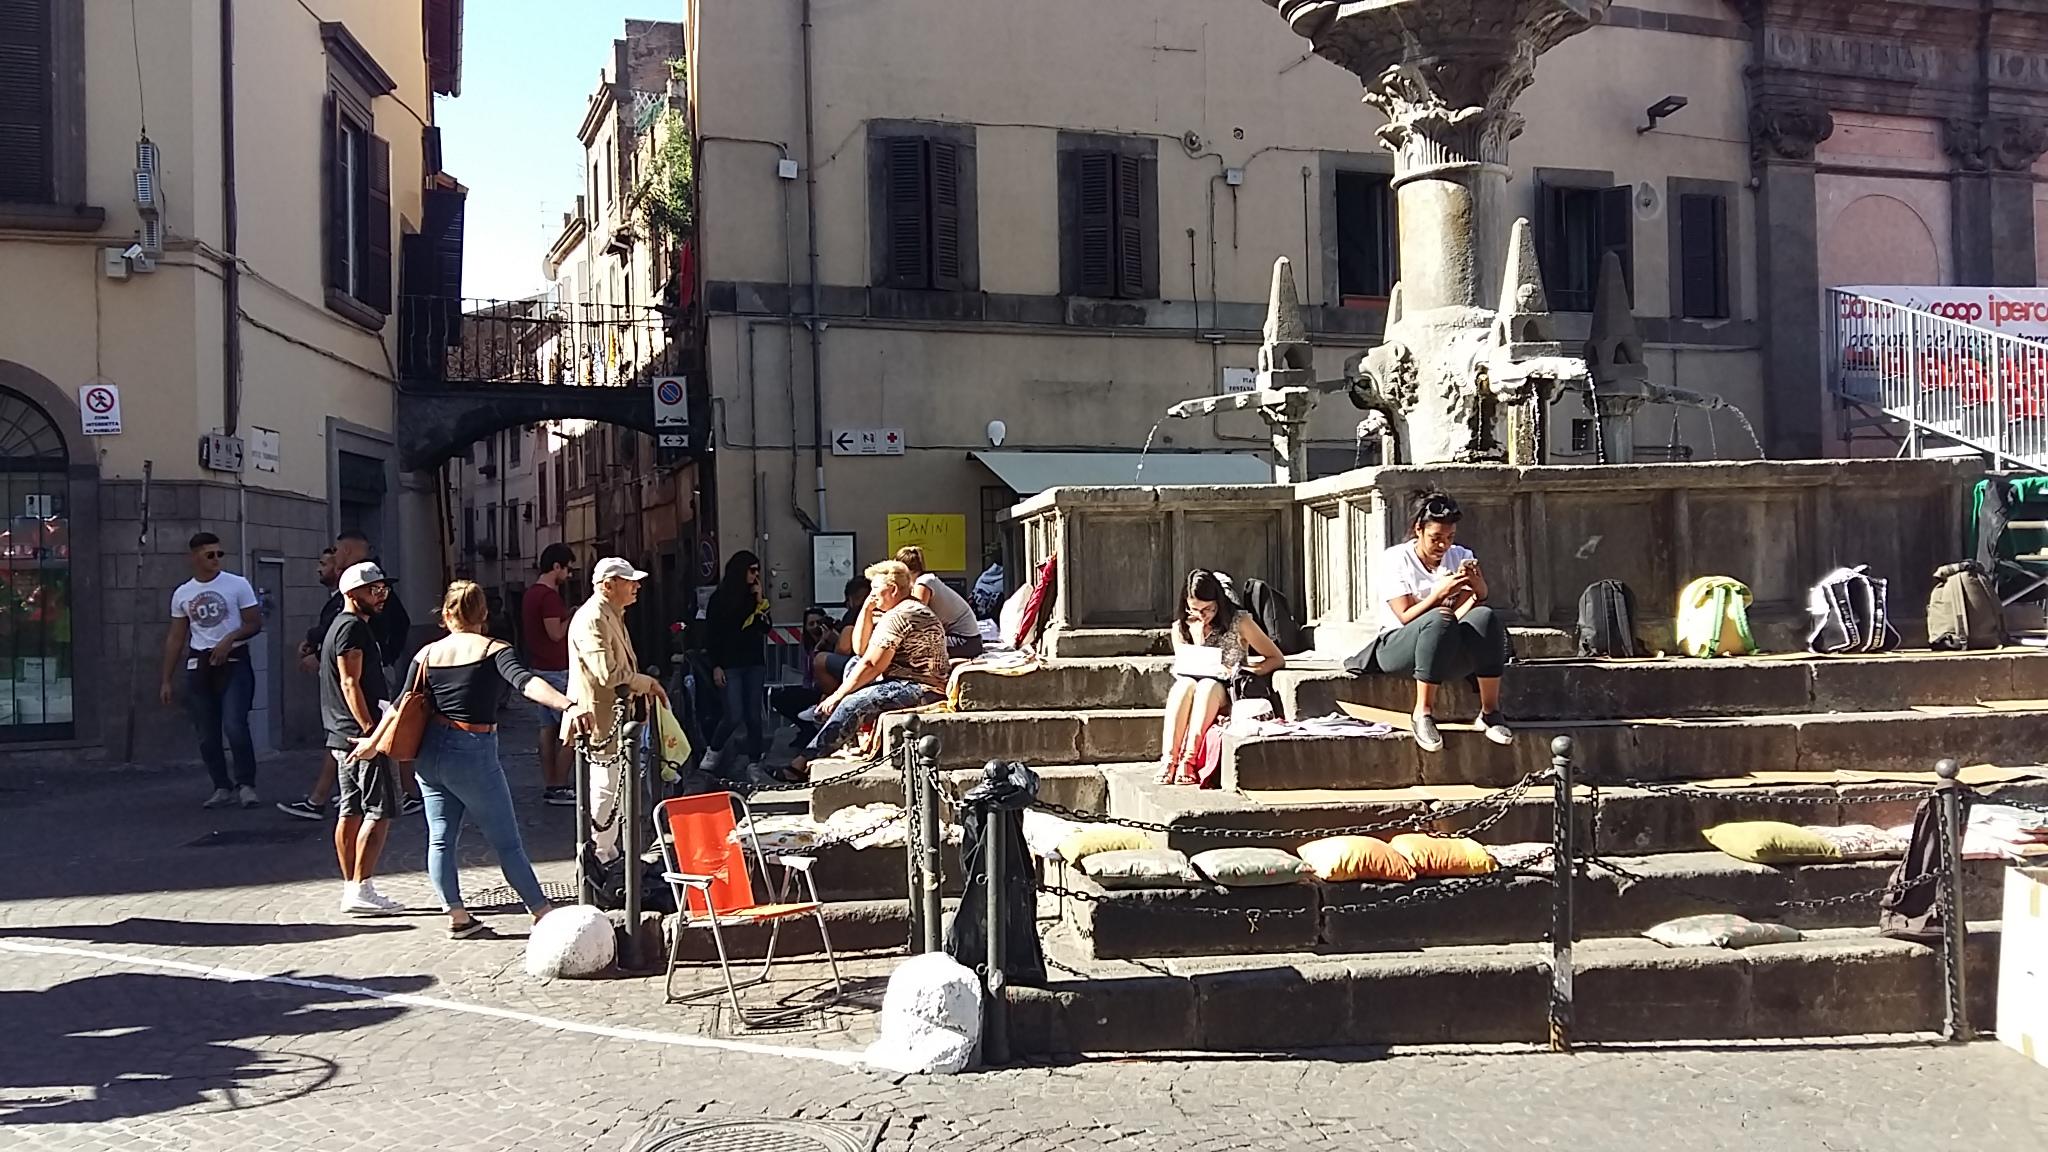 Santa Rosa: mostriamo le bellezze cittadine ai turisti, non occupiamo le fontane, lo vieta anche una apposita ordinanza